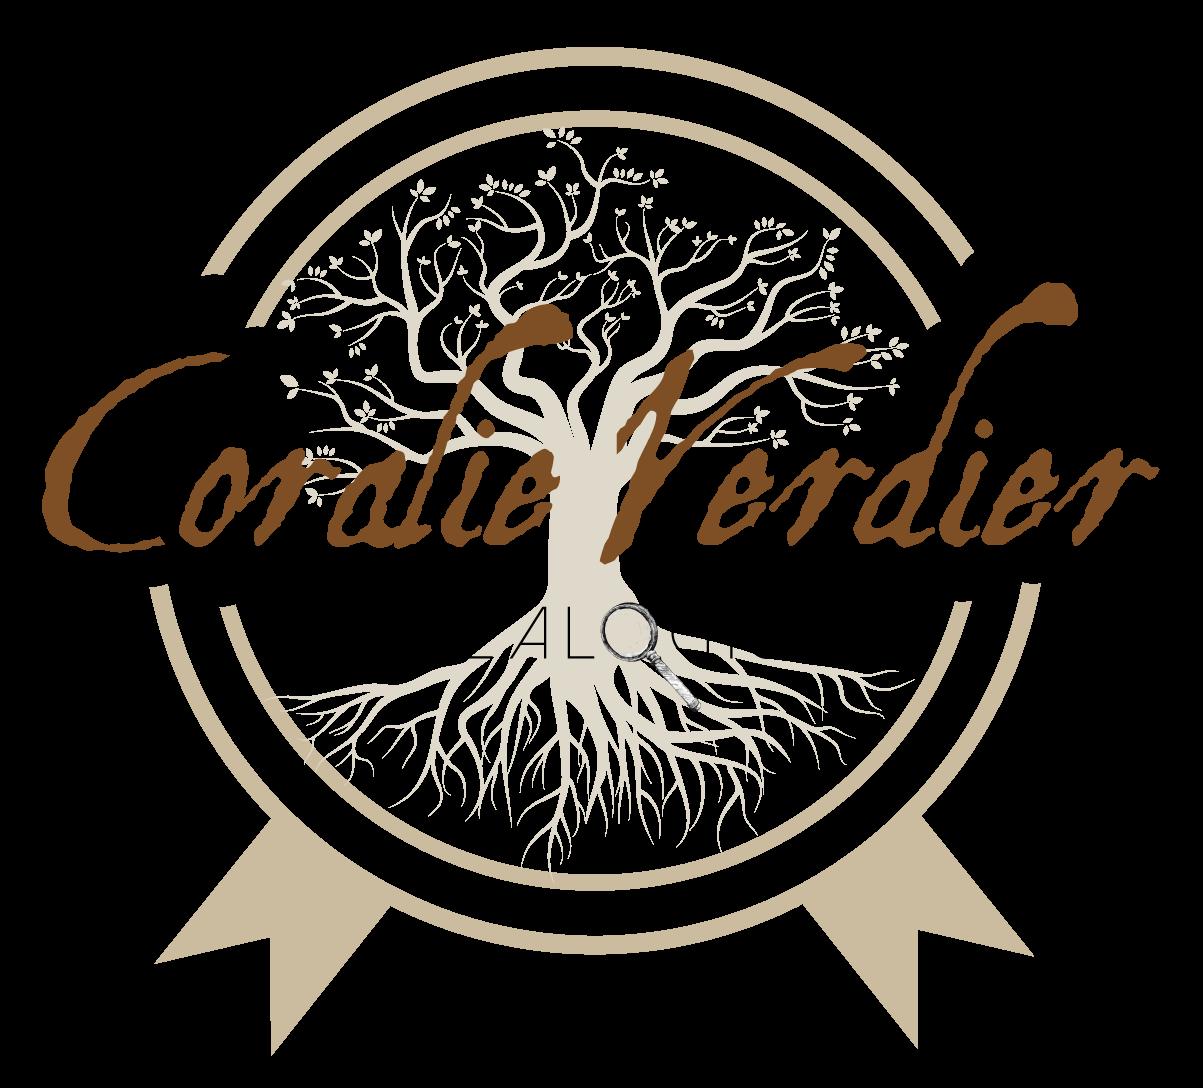 Coralier Verdier - Généalogiste - Charente-Maritime(17)